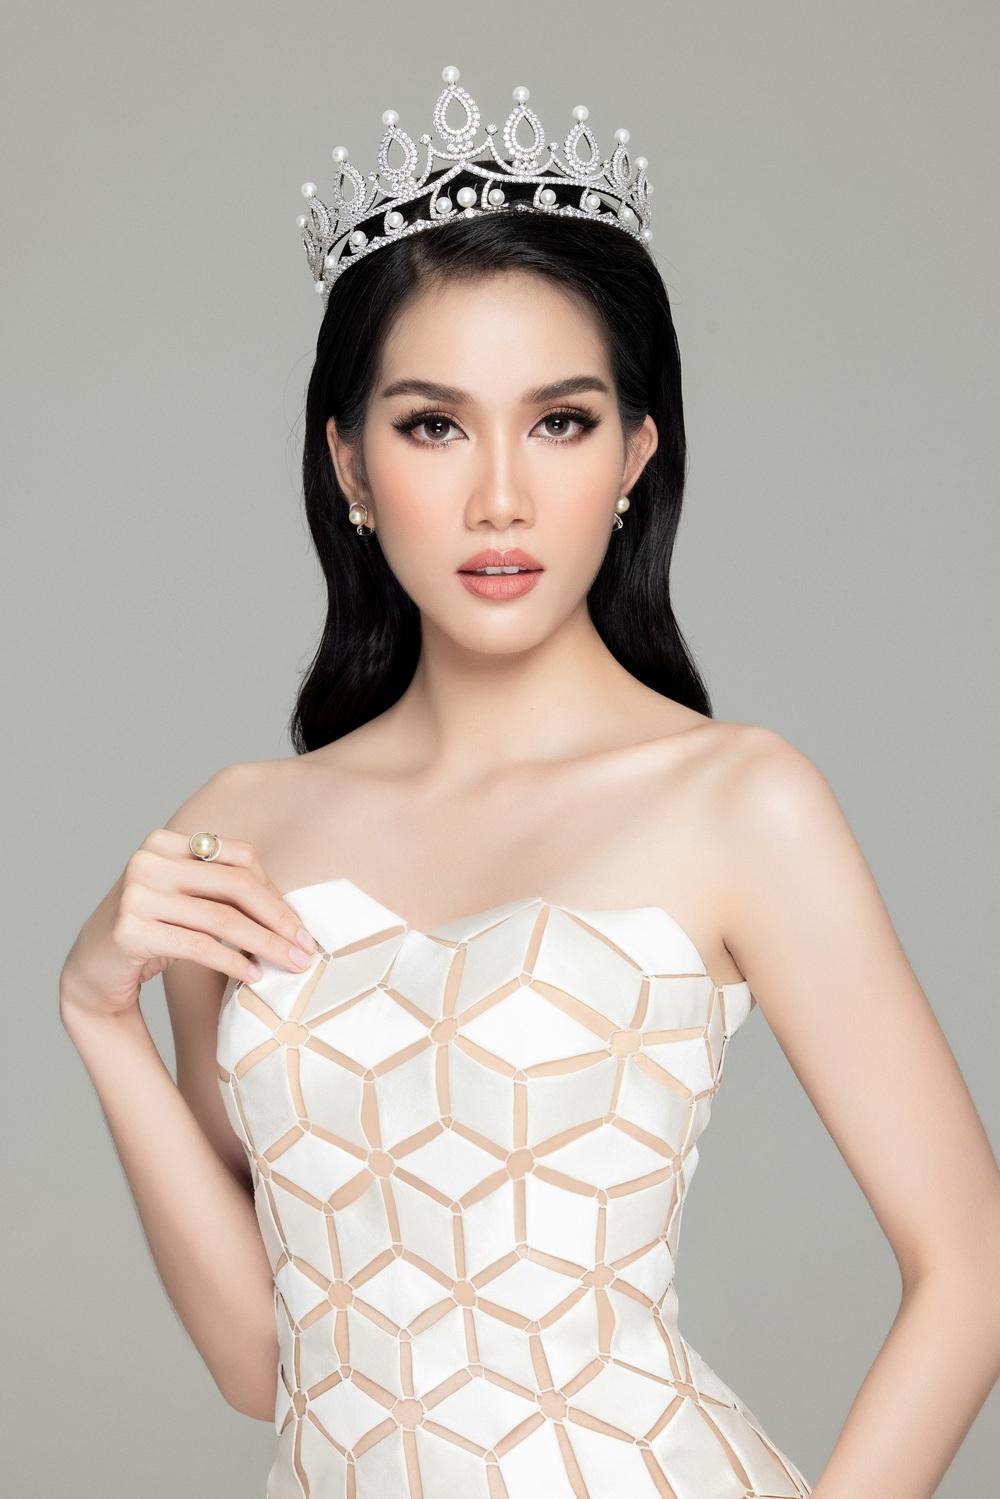 Hoa hậu Đỗ Thị Hà đọ sắc bên hai Á hậu sau 1 tháng đăng quang - Ảnh 10.